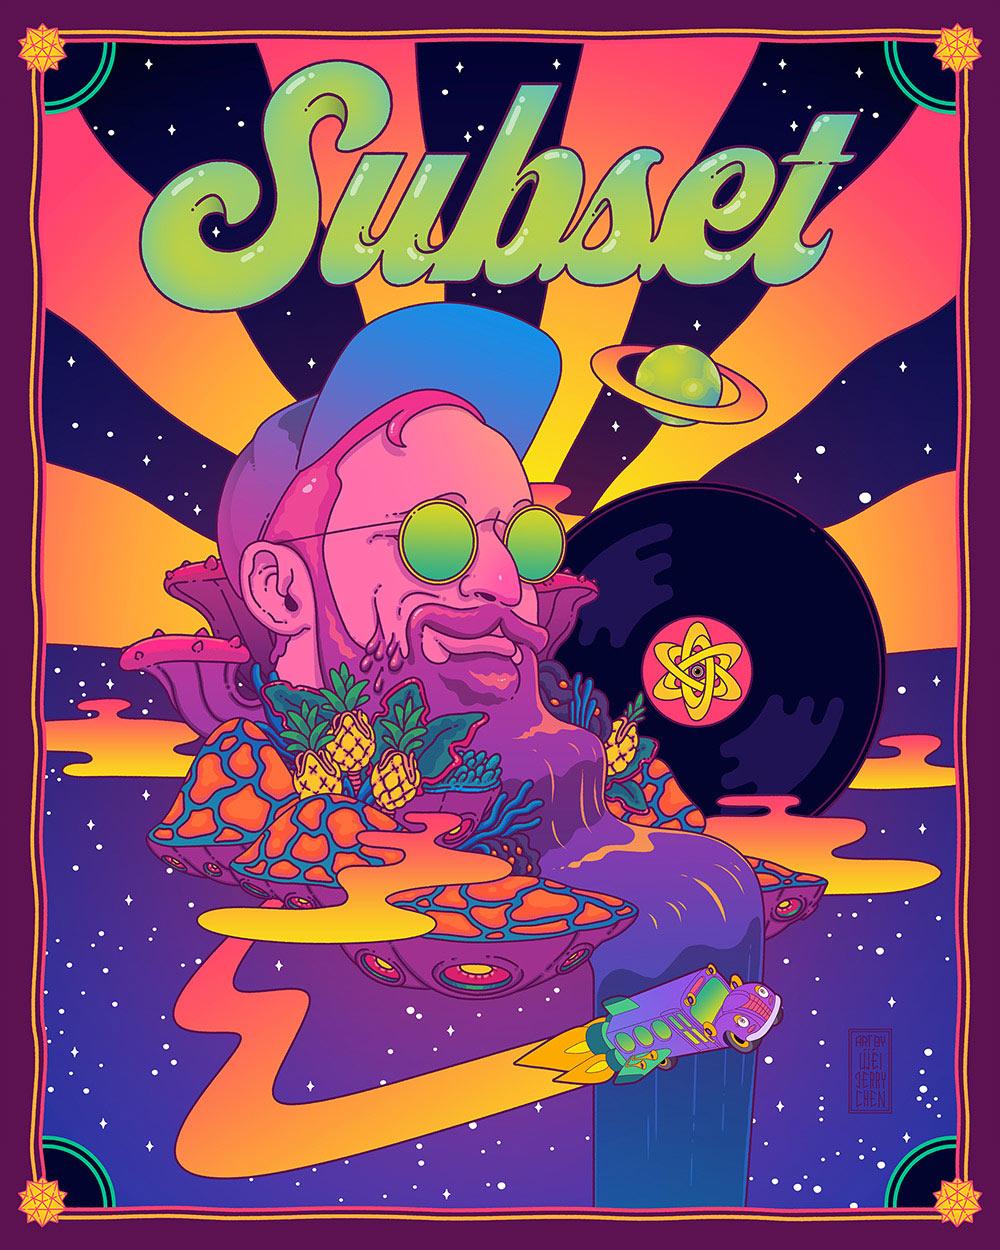 Poster illustration for  @SubsetGetsIt